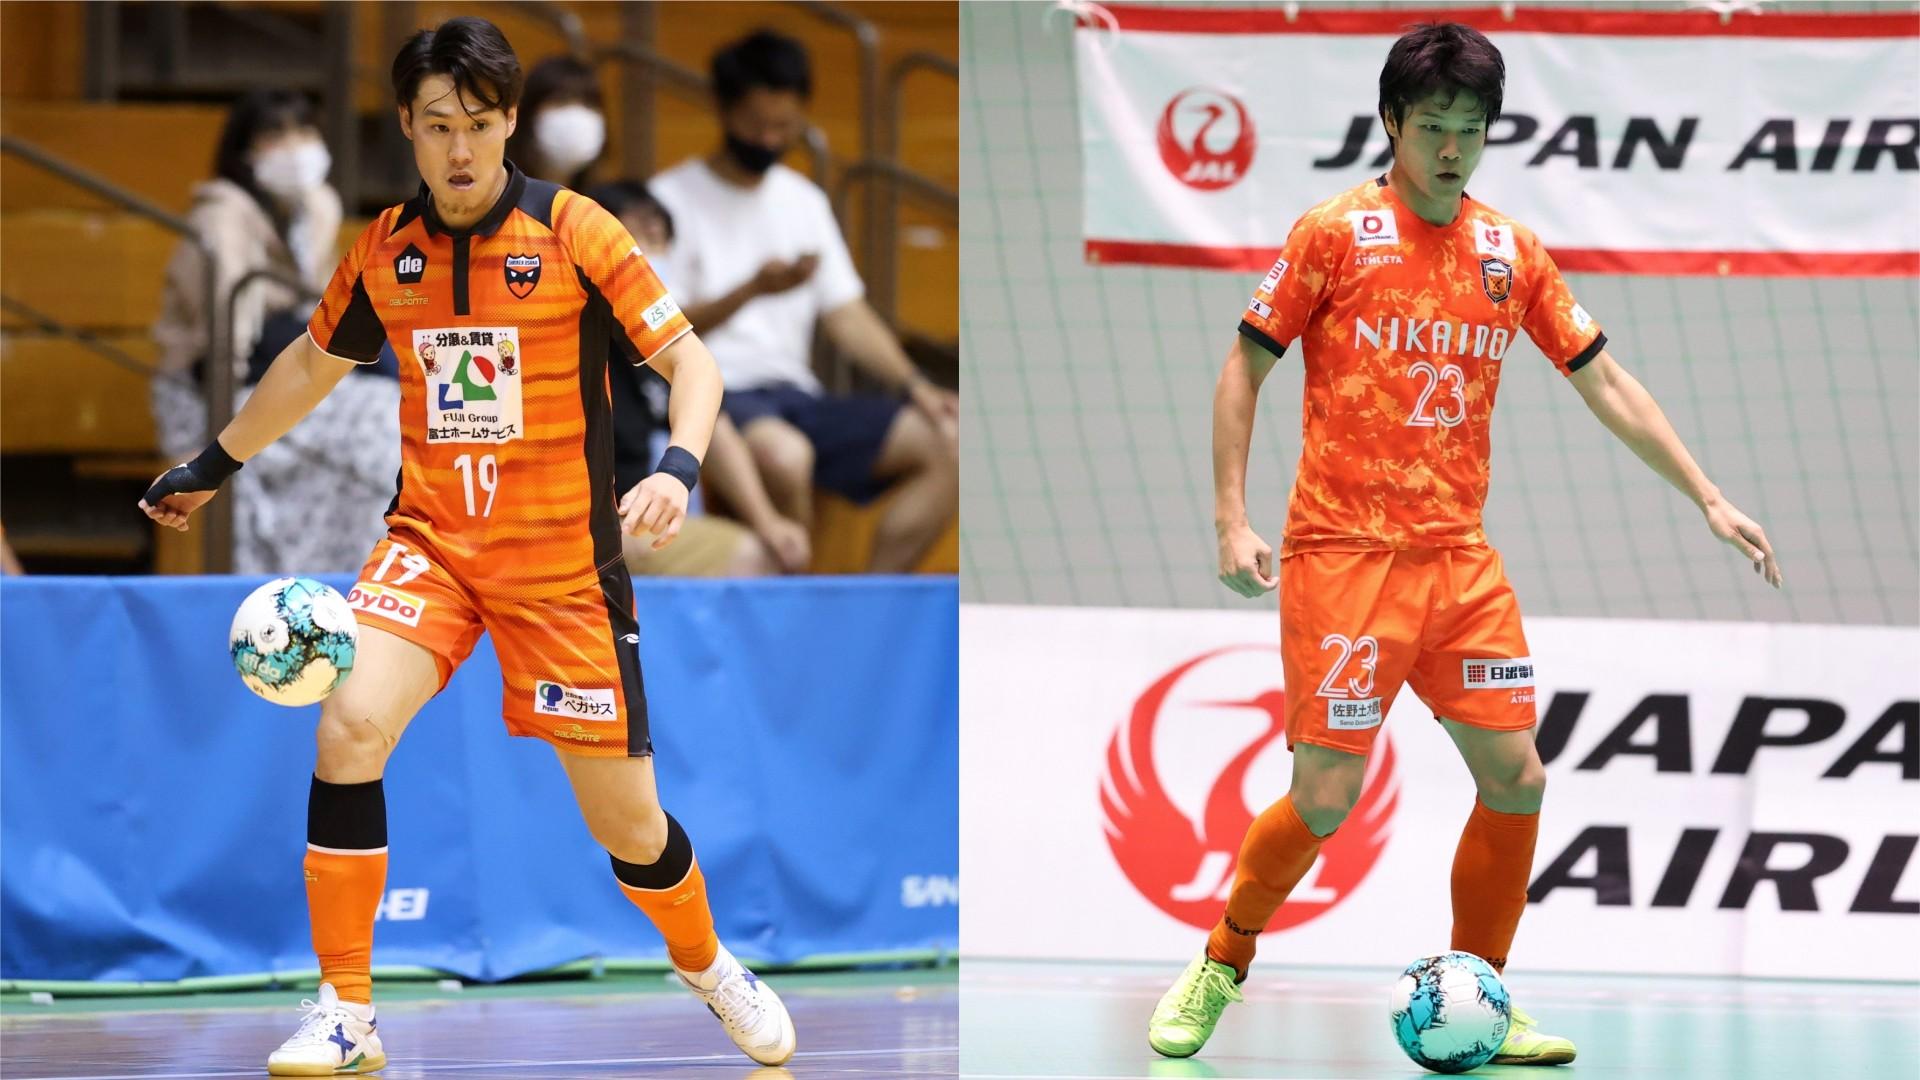 【きょうのスポーツ】Fリーグ第3節、開幕2連勝のシュライカー大阪がバサジィ大分とのオレンジ対決に臨む|フットサル